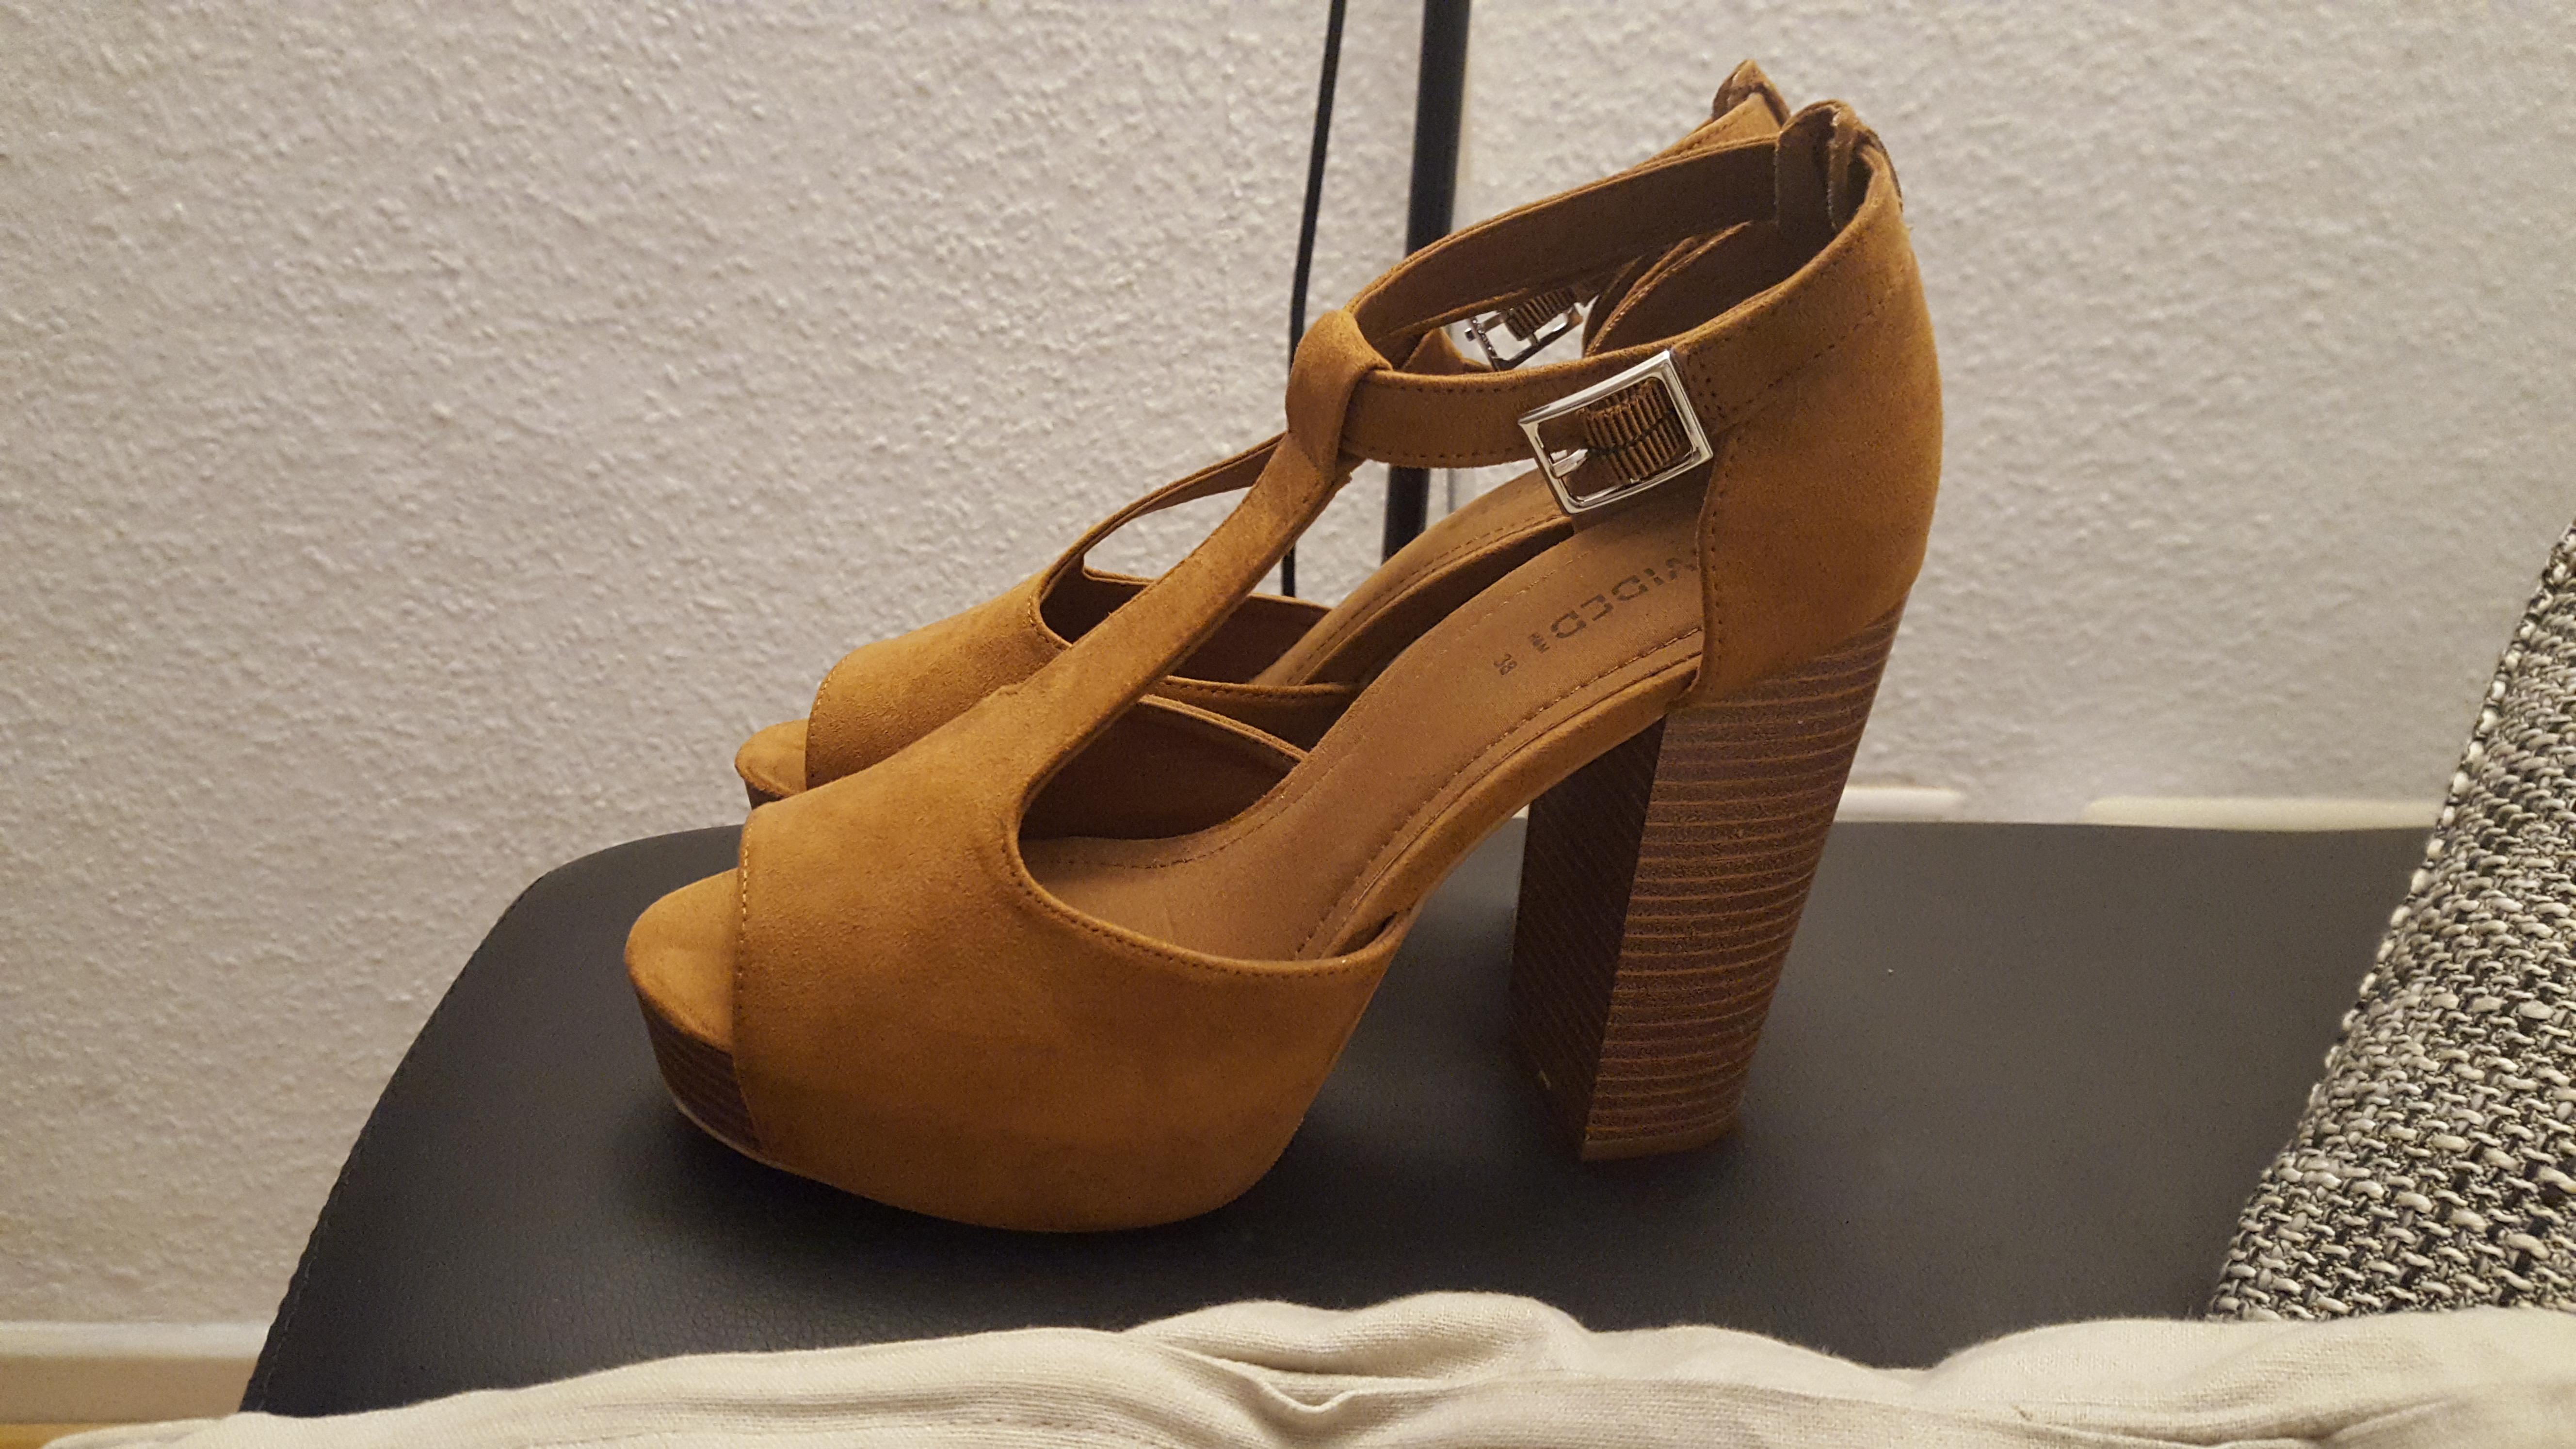 Zeigt Her Eure FГјГџe Schuhe